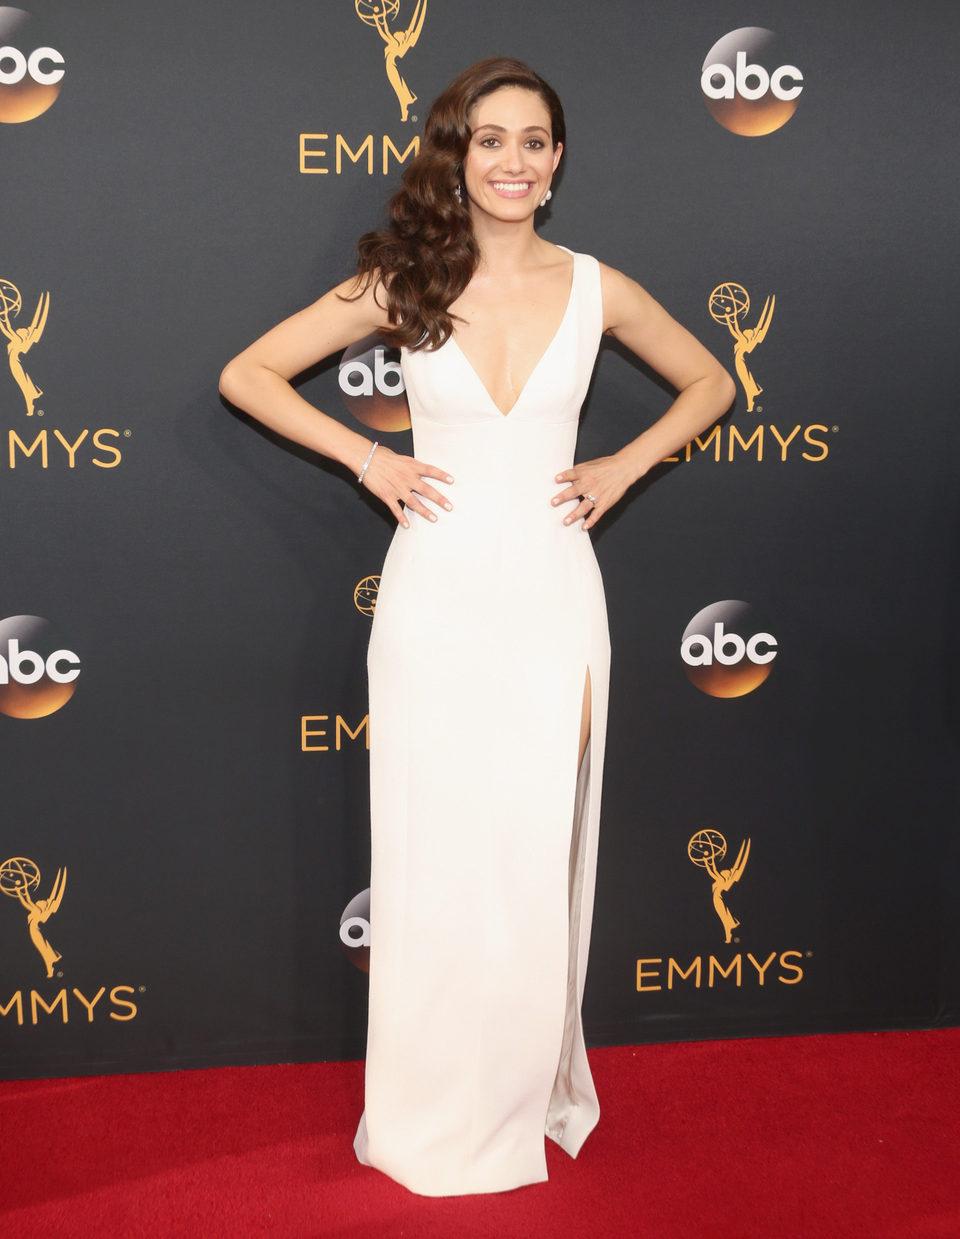 Emmy Rossum en la alfombra roja de los Emmy 2016